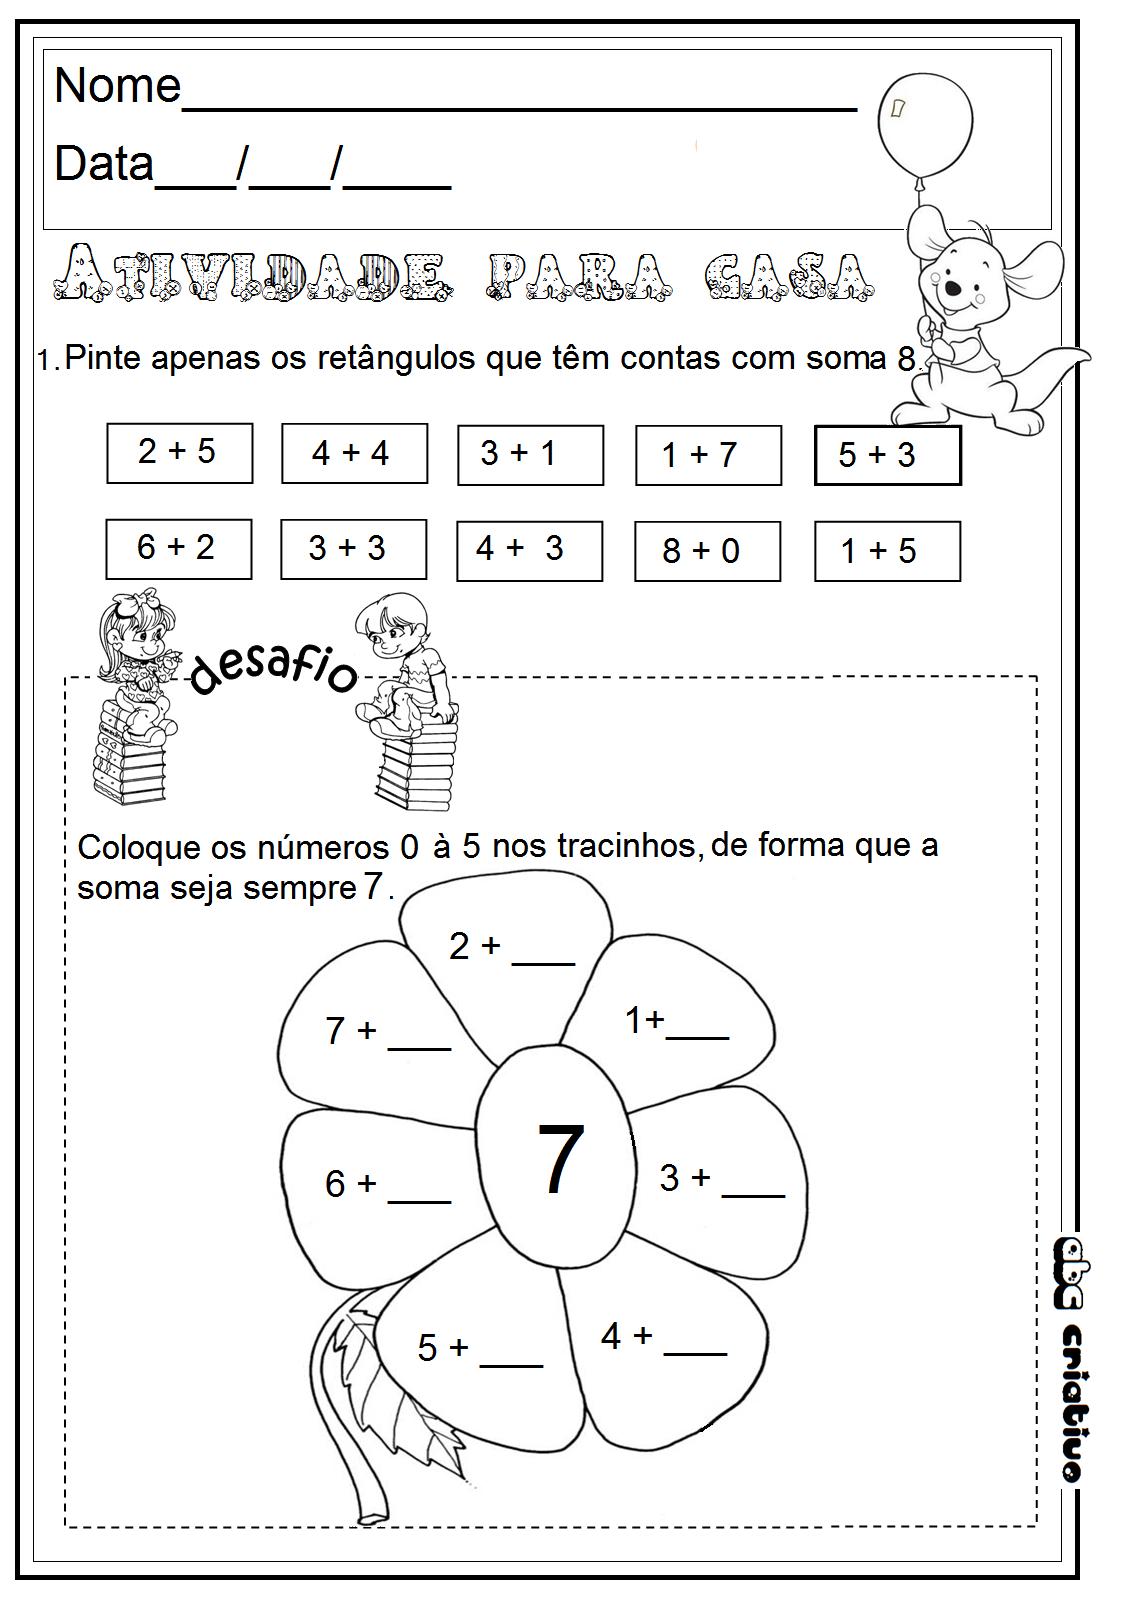 Atividade de matemática 1 ano